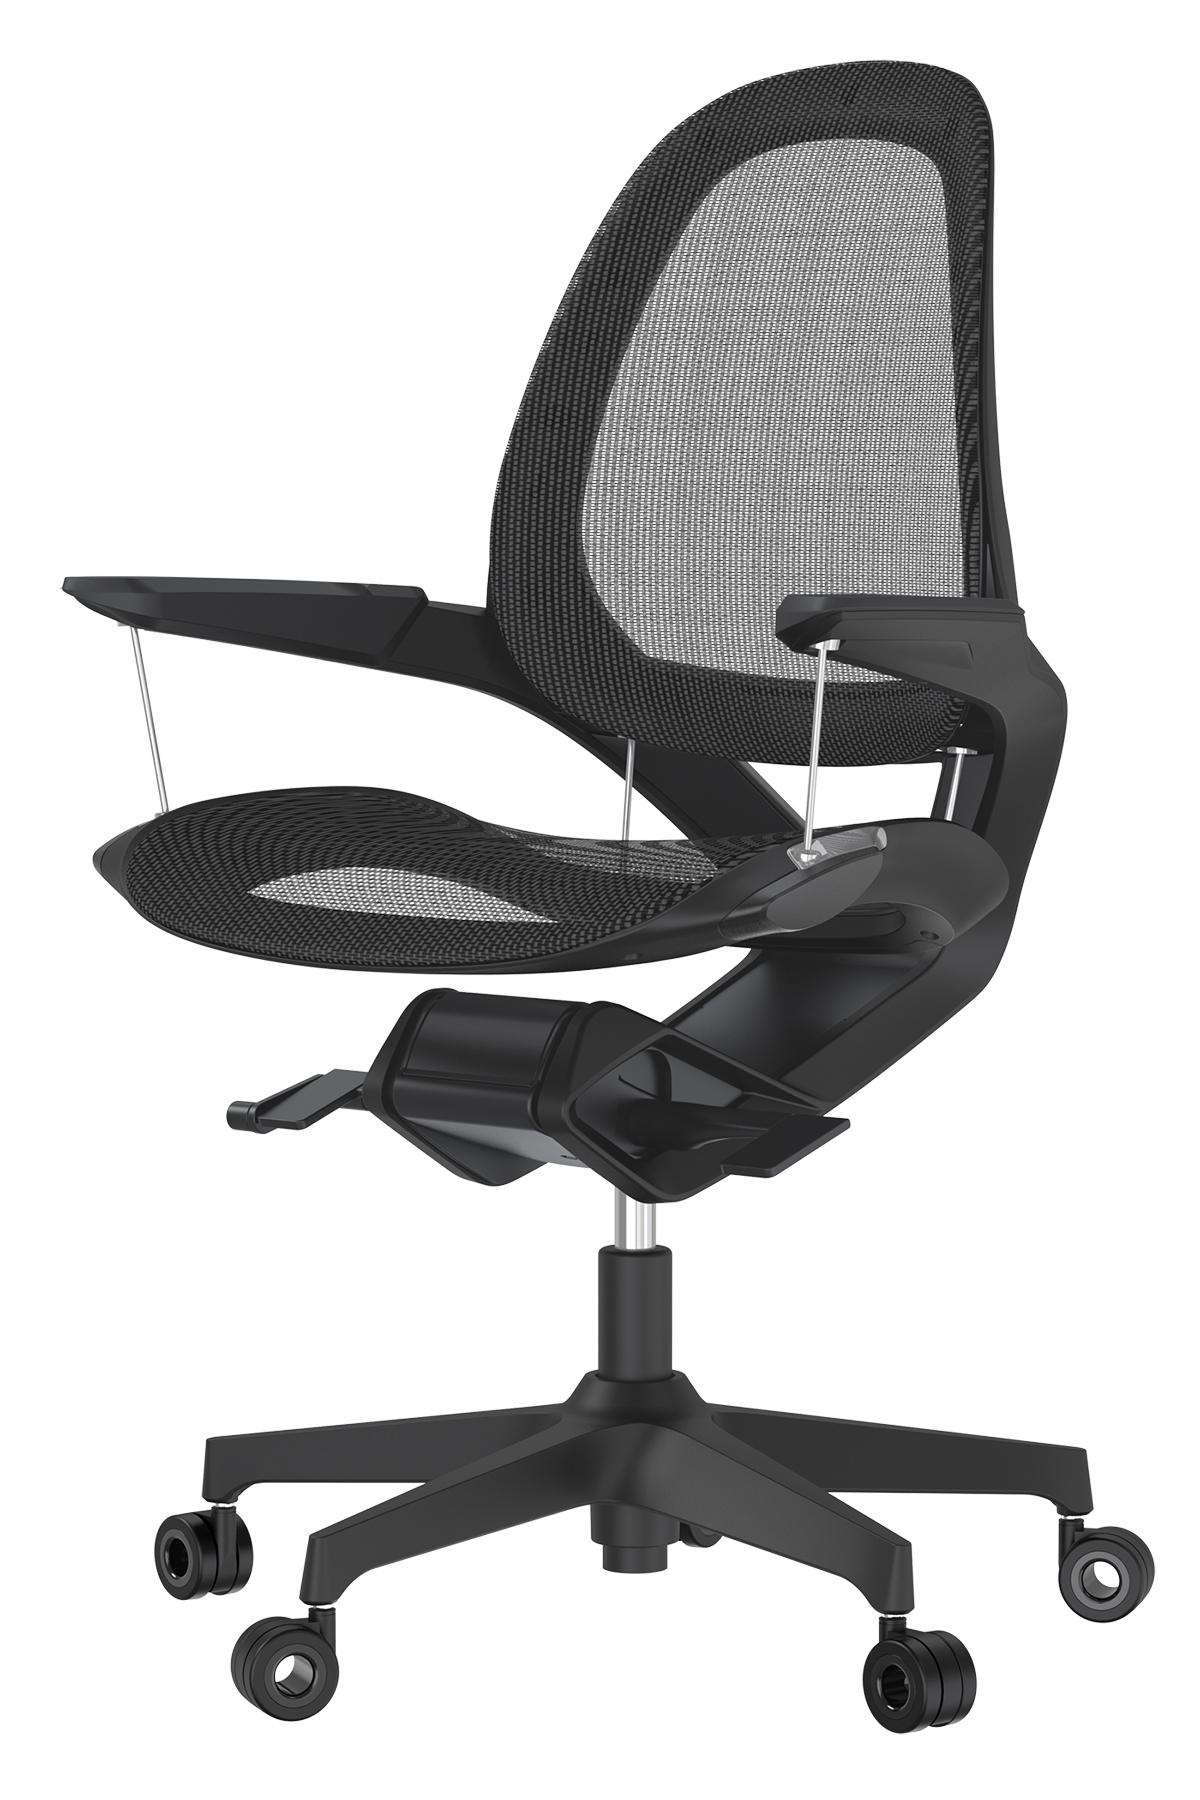 自然な動きで、あなたの仕事姿勢に沿ってくれます。座面が浮きながら動くワーキングチェア|Elea Chair